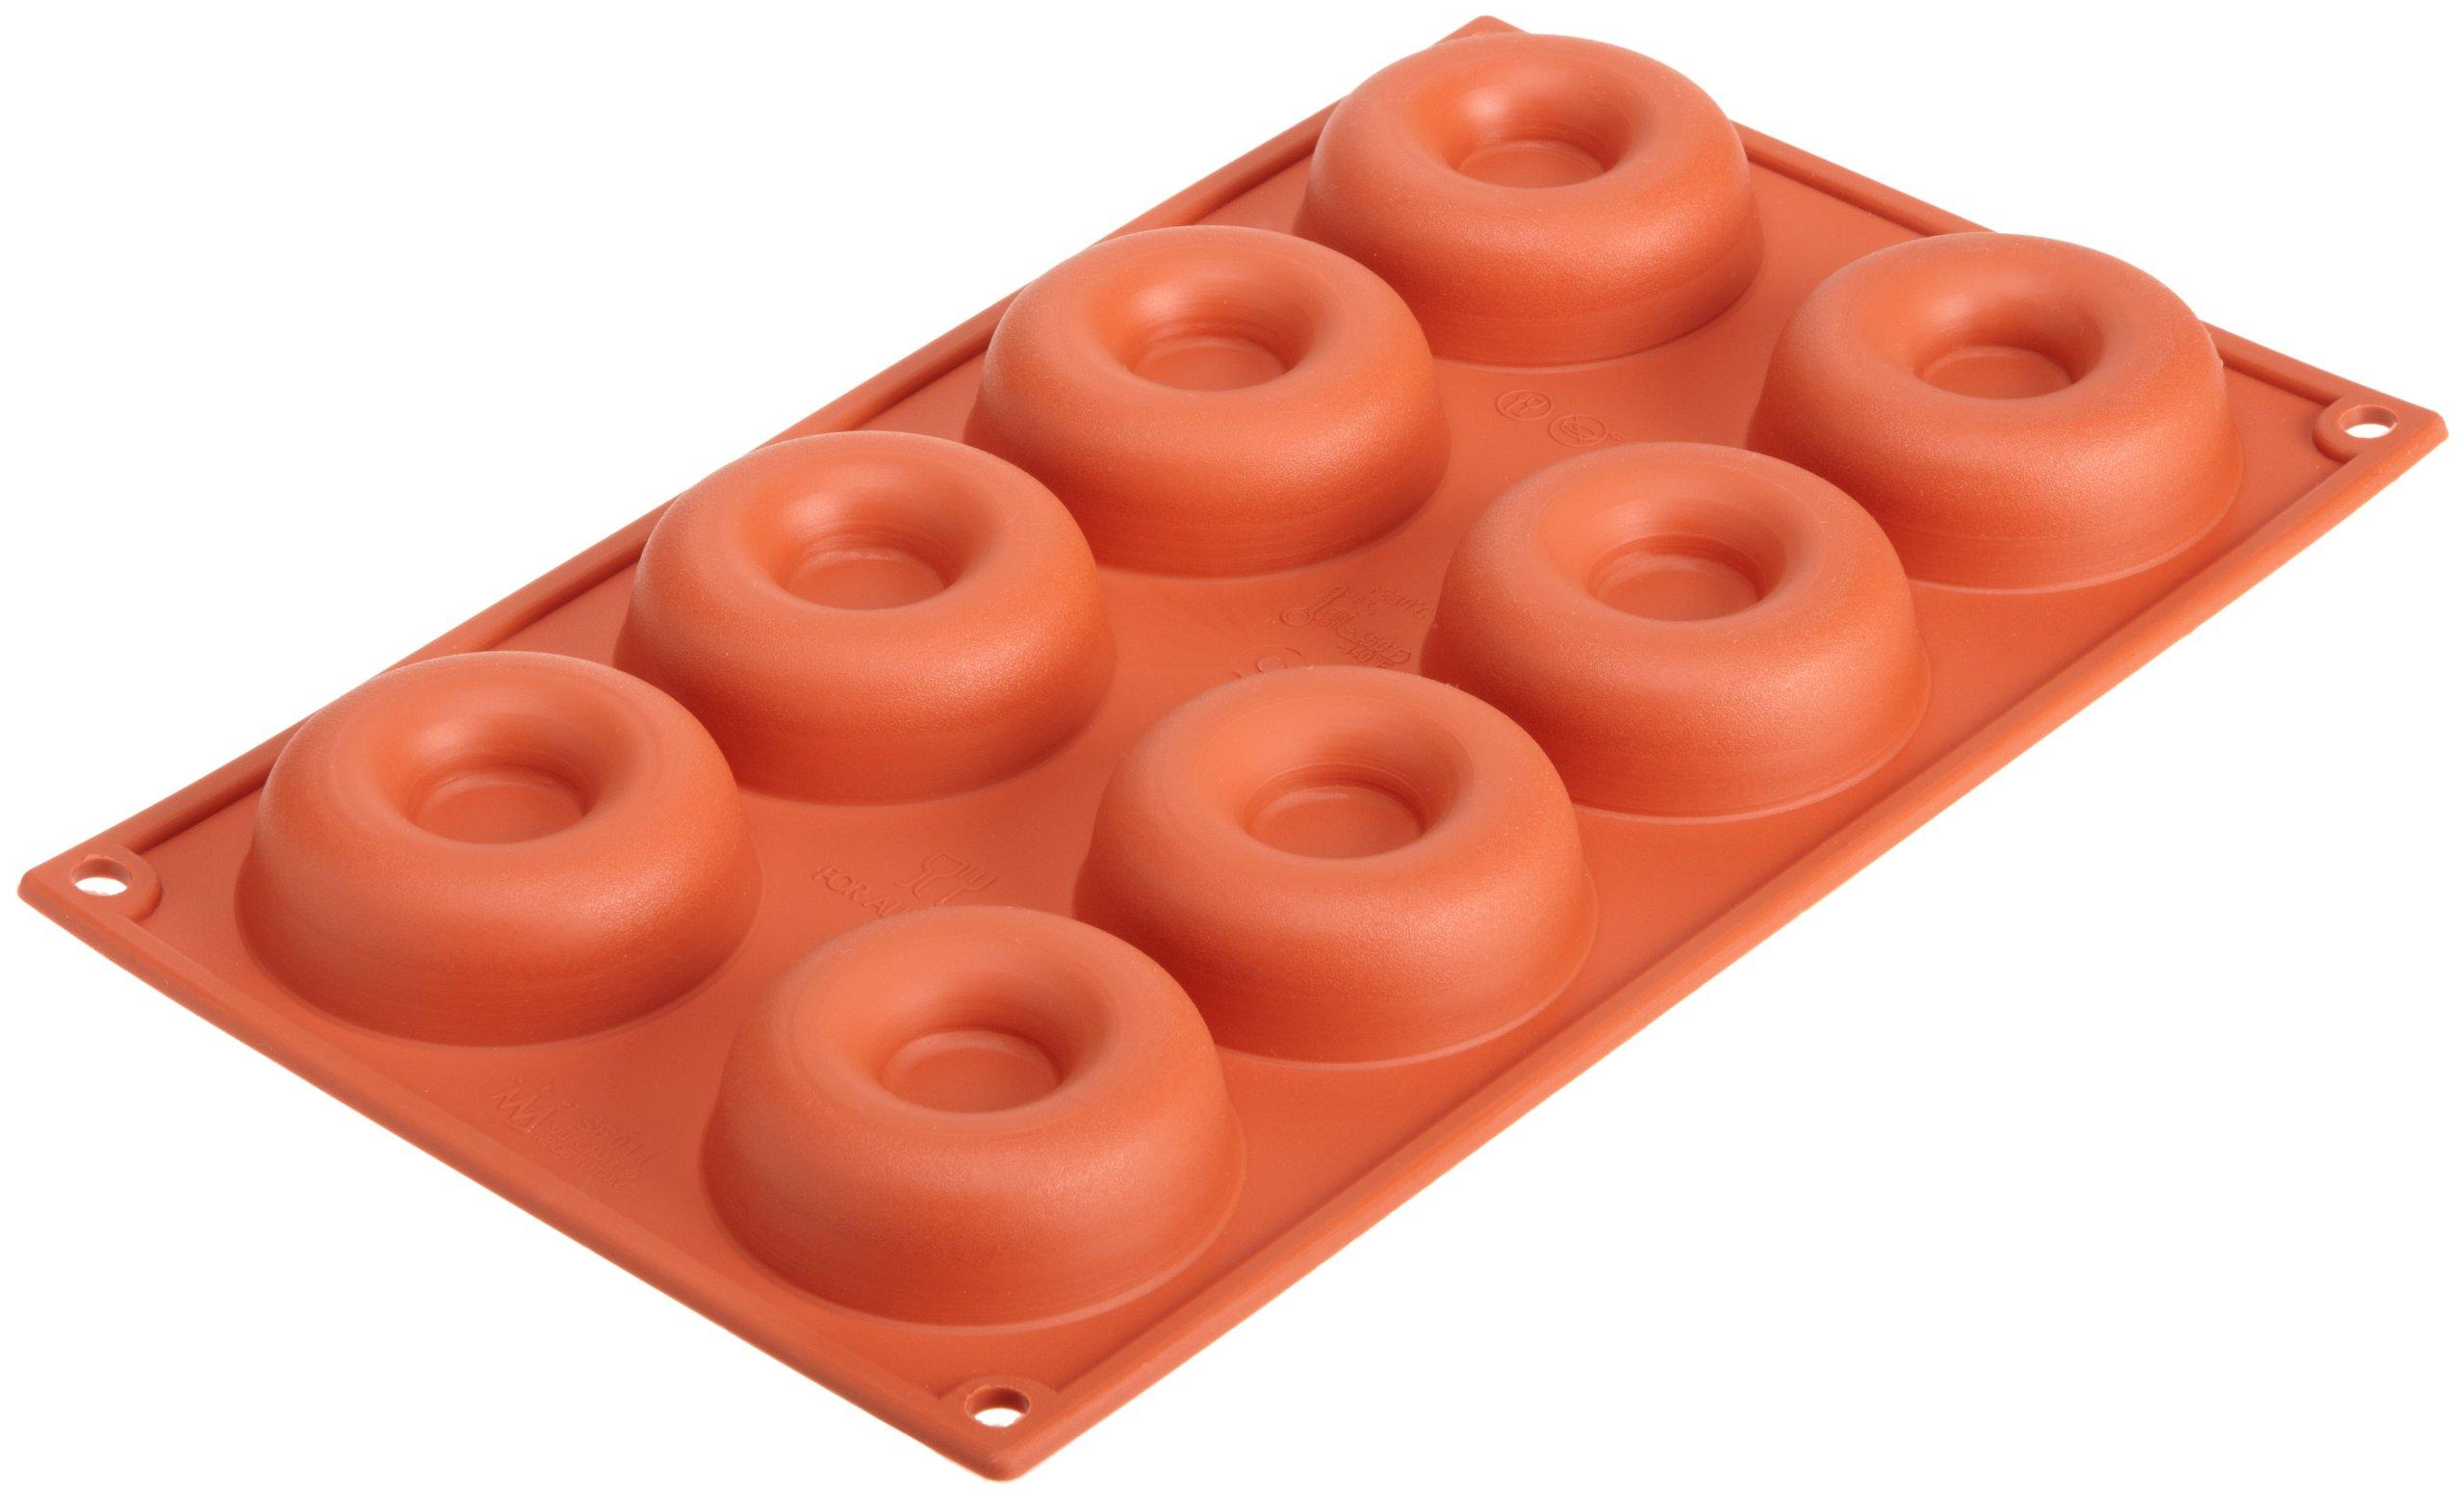 Silikomart Siliconflex Small Savarin Mold